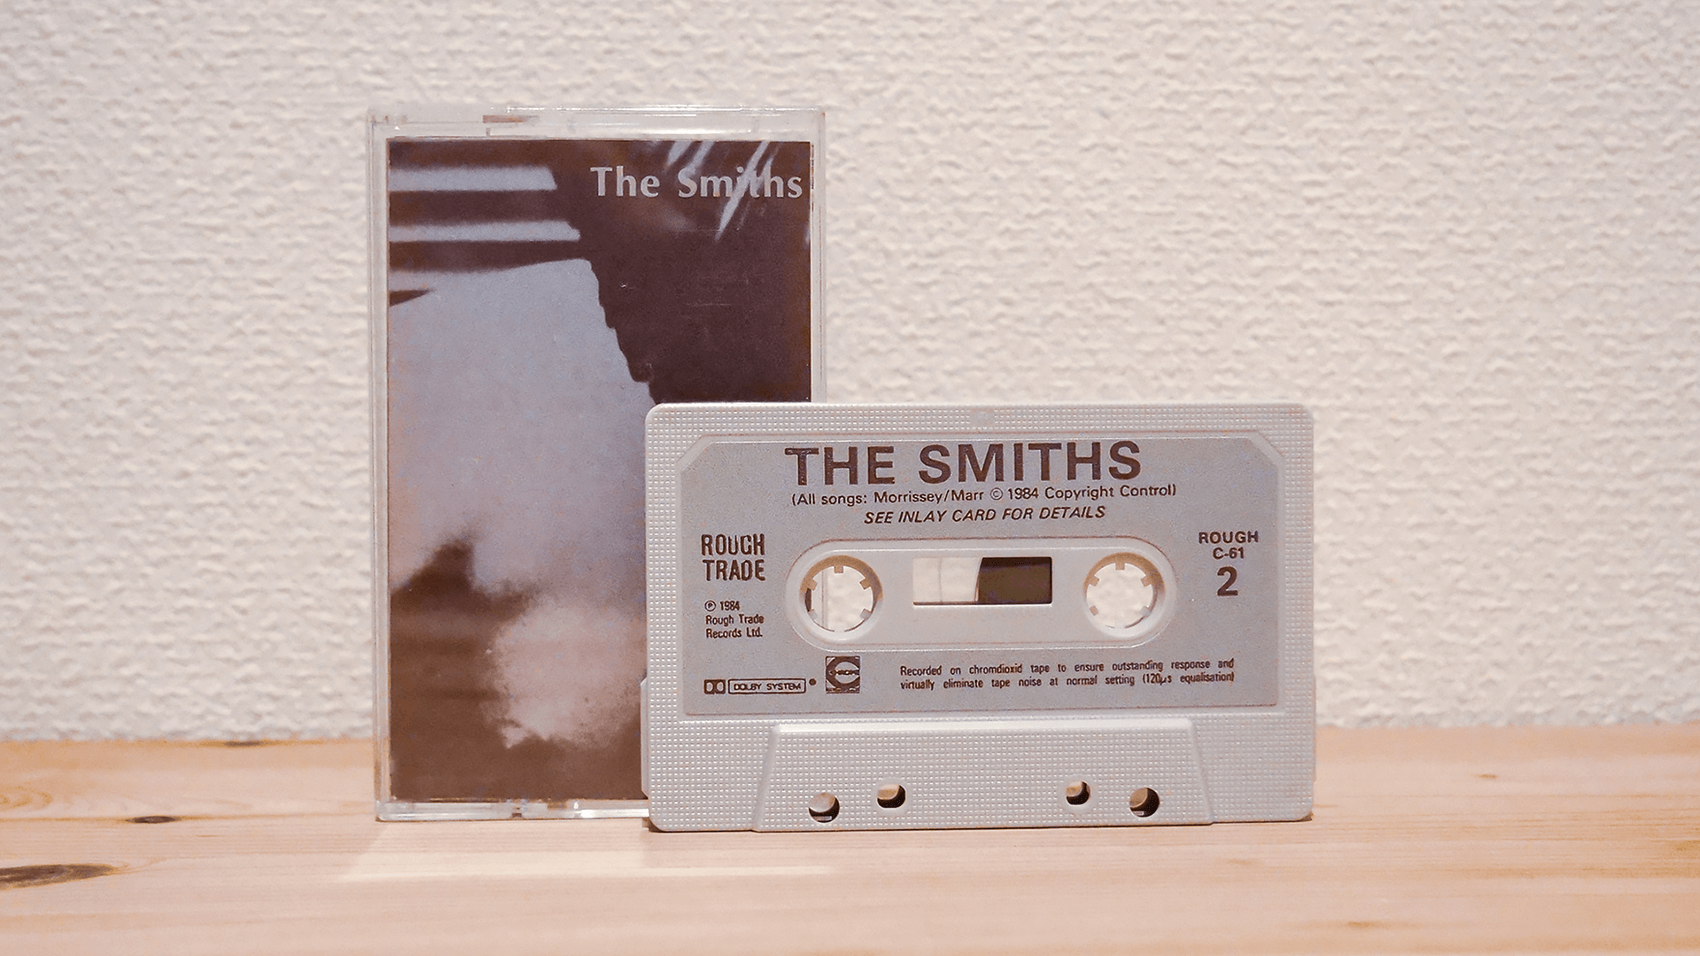 80年代イギリスのロックバンドThe Smithsの1st「The Smiths」のカセットテープ